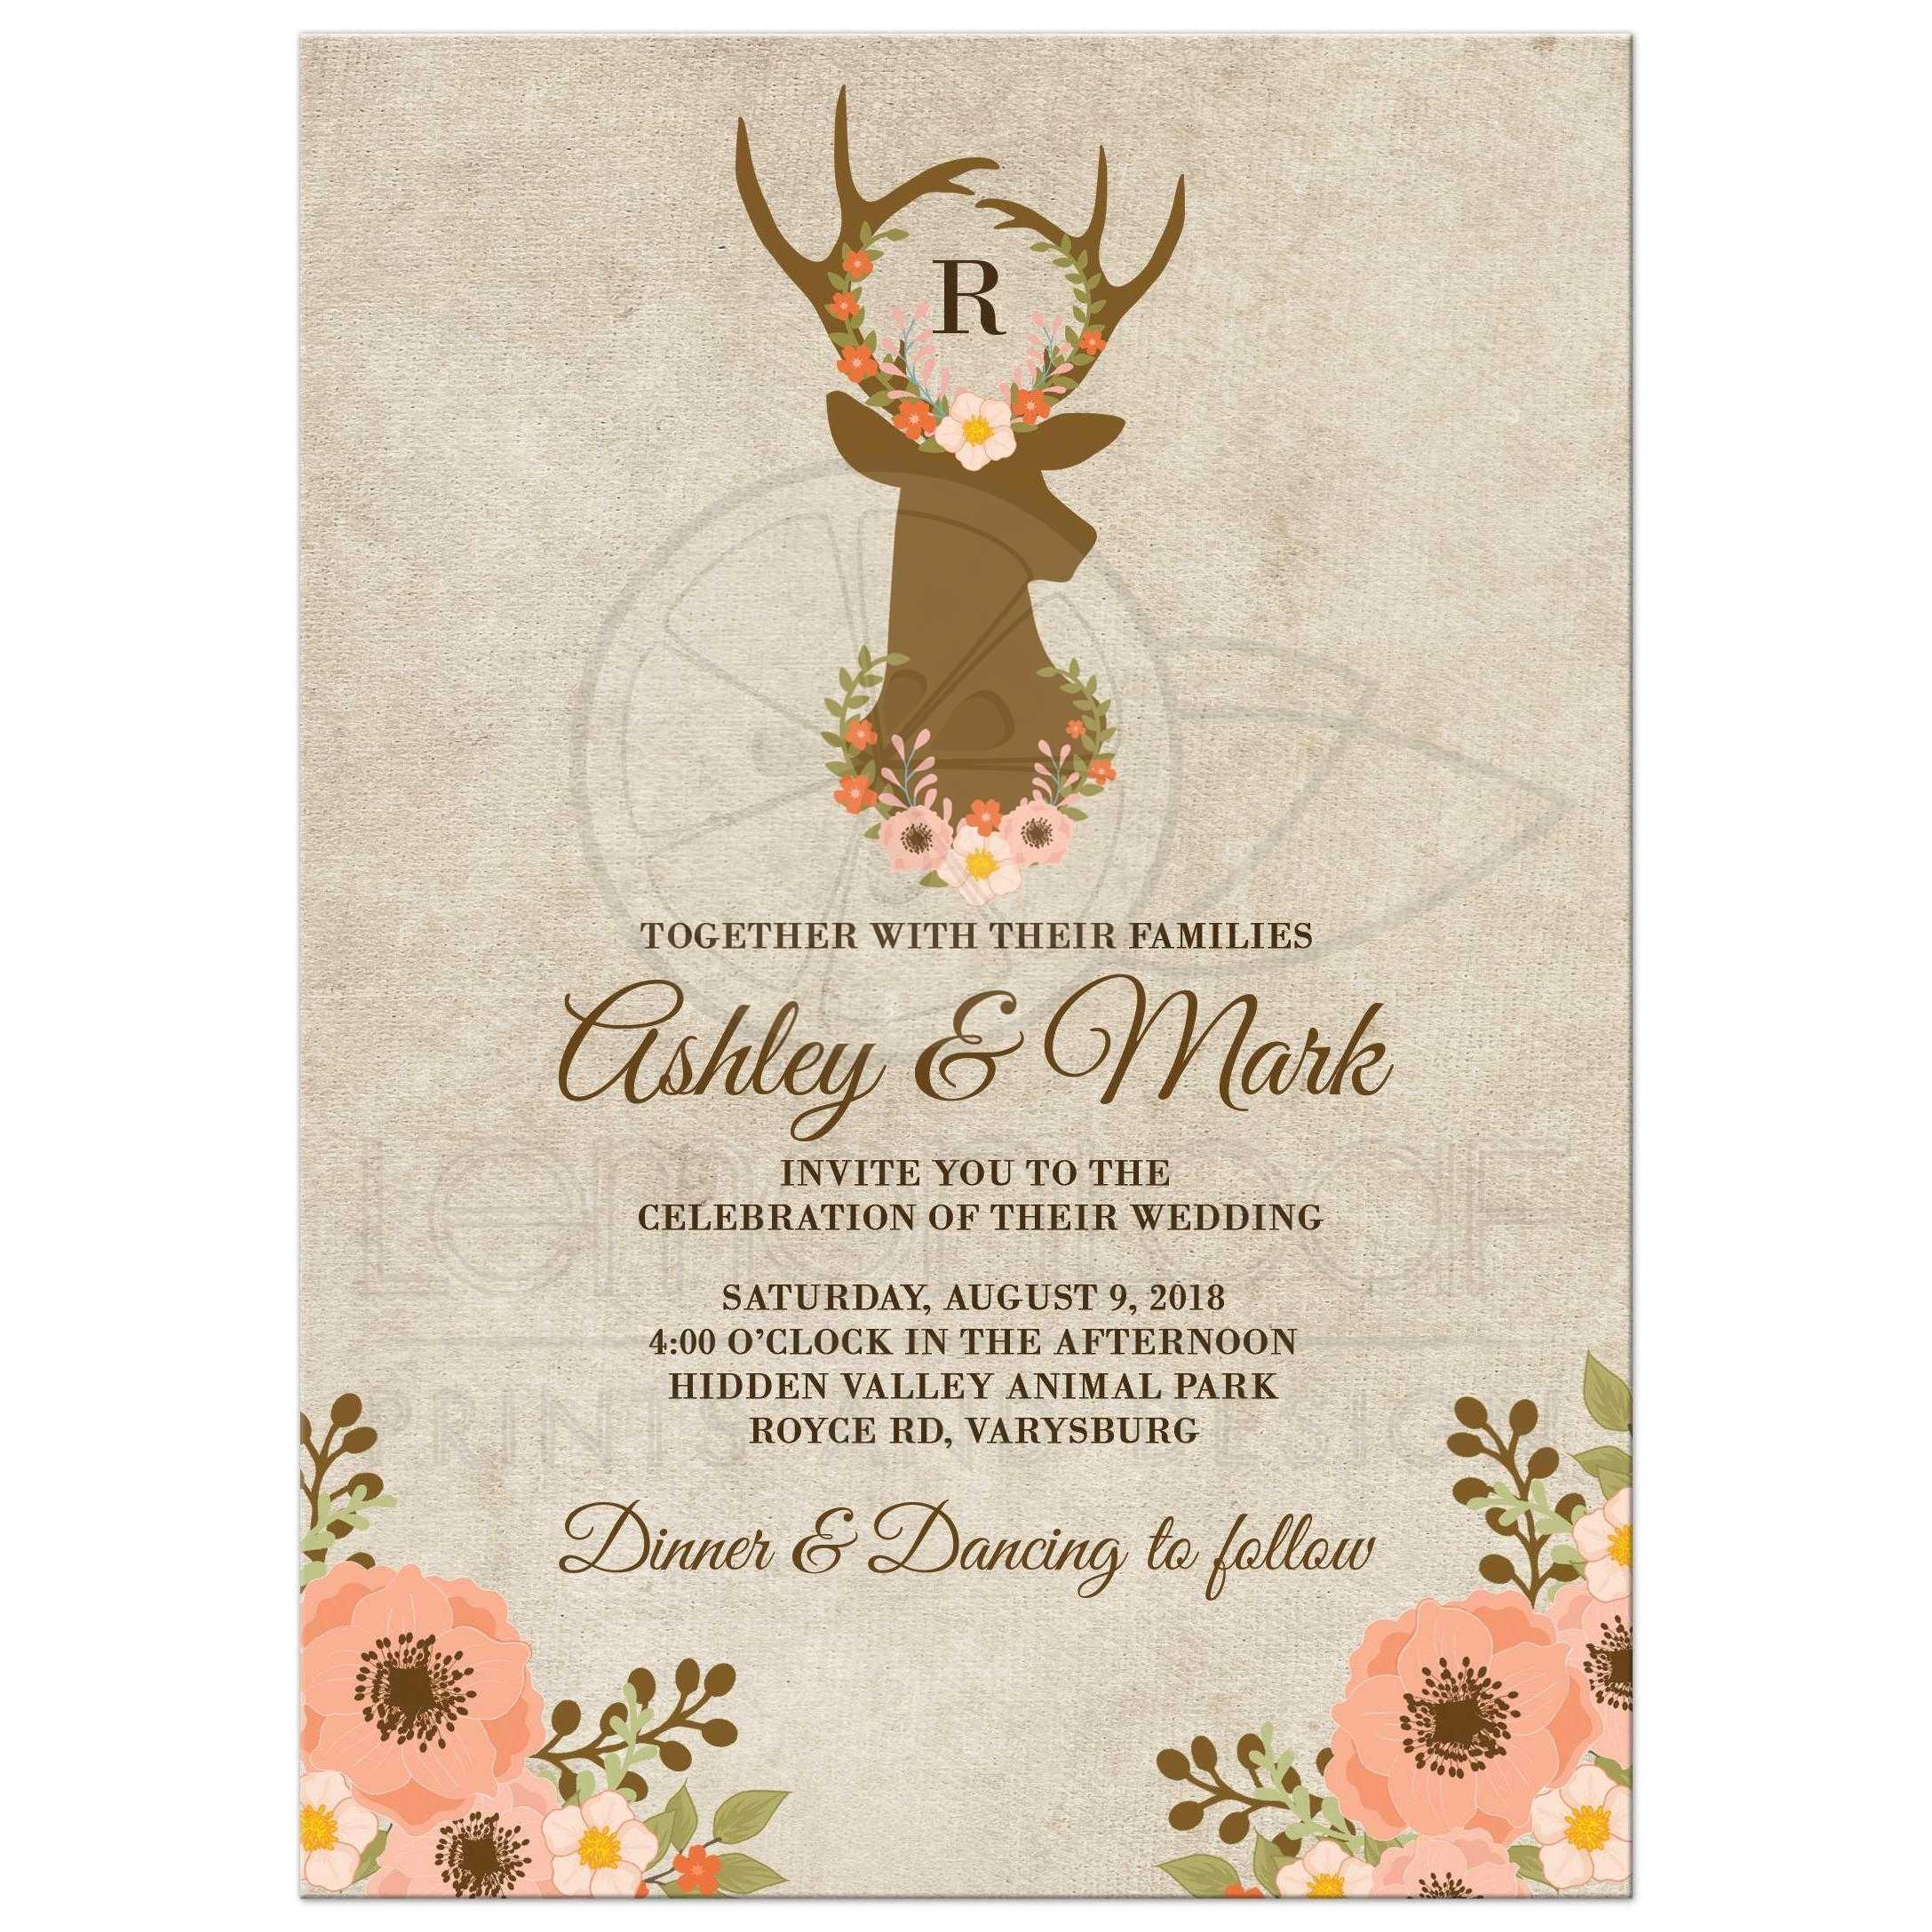 Floral Deer Antler Rustic Wedding Invitations: Sunflower Wedding Invitations Rustic Antlers At Reisefeber.org